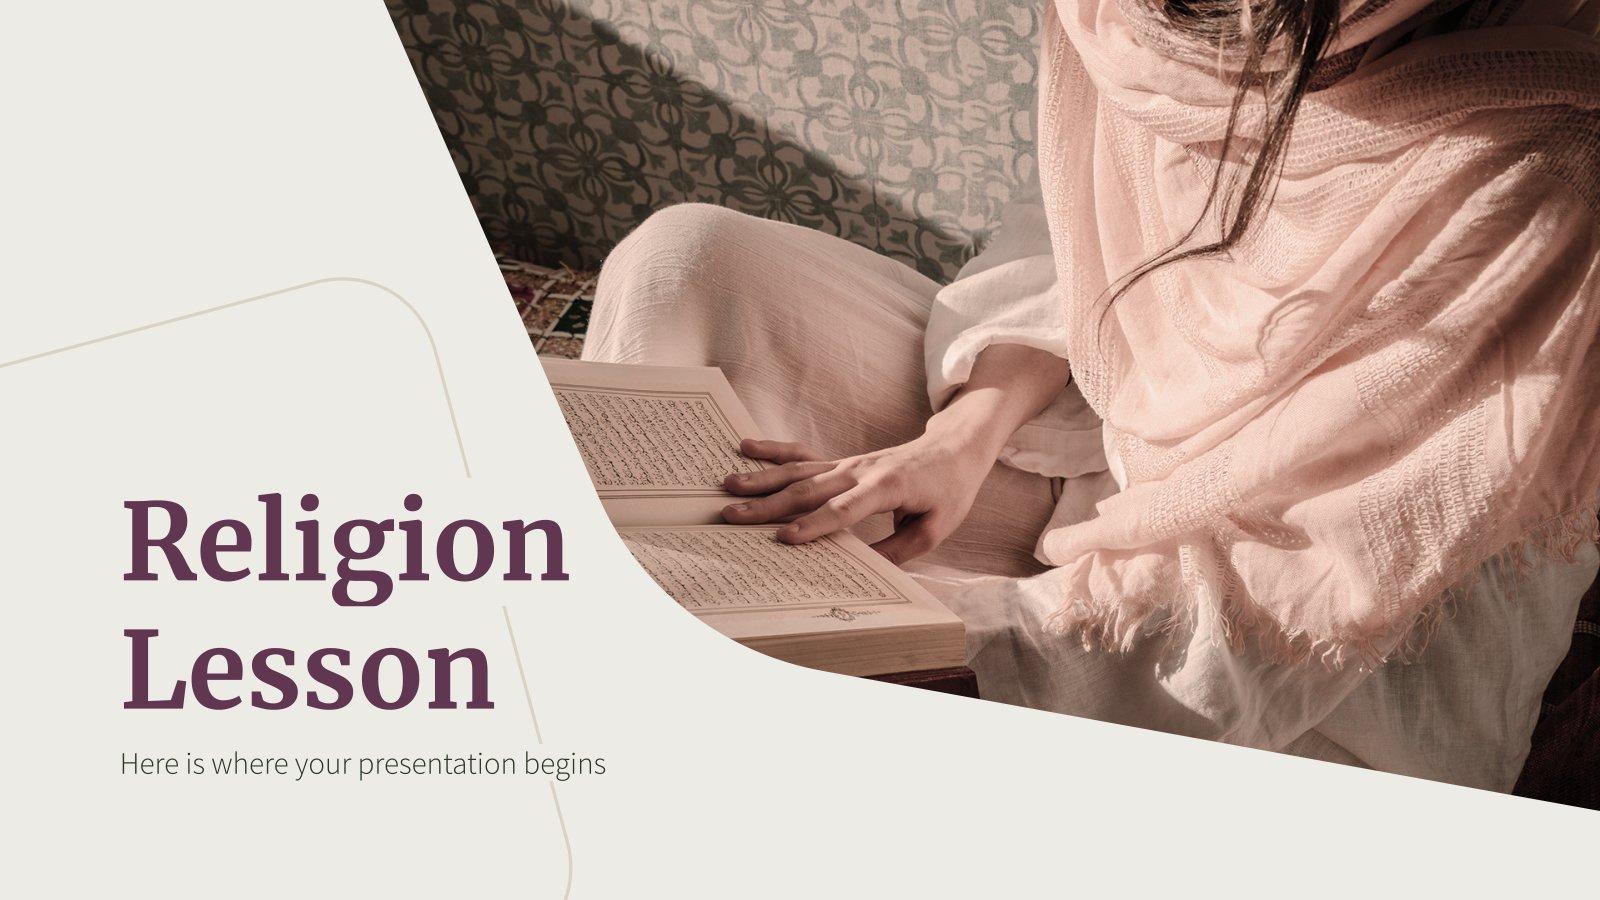 Cours sur la religion : Modèles de présentation